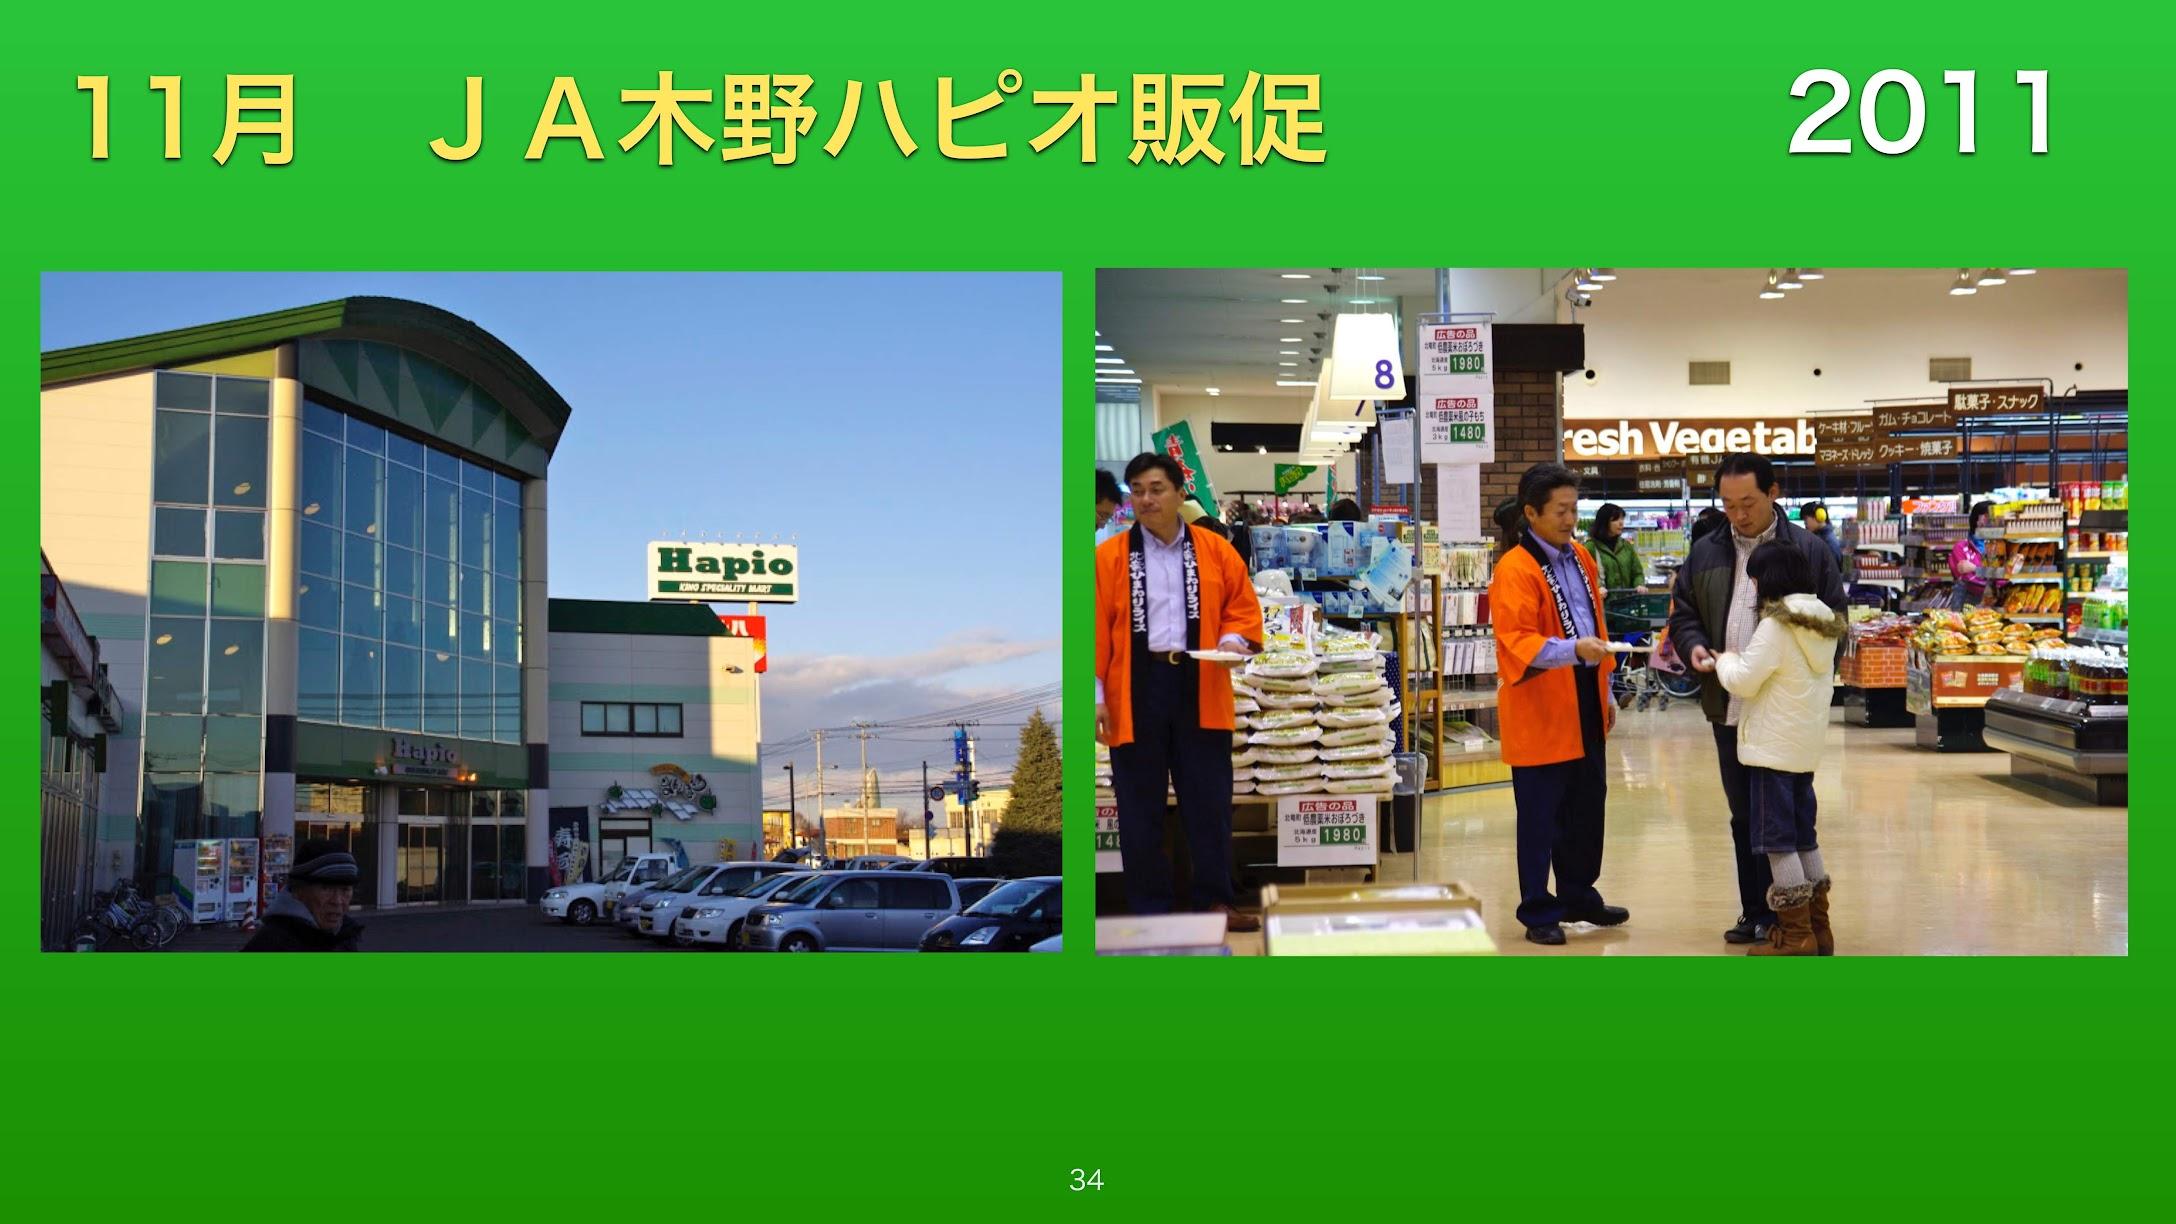 11月:JA木野パピオ販売促進